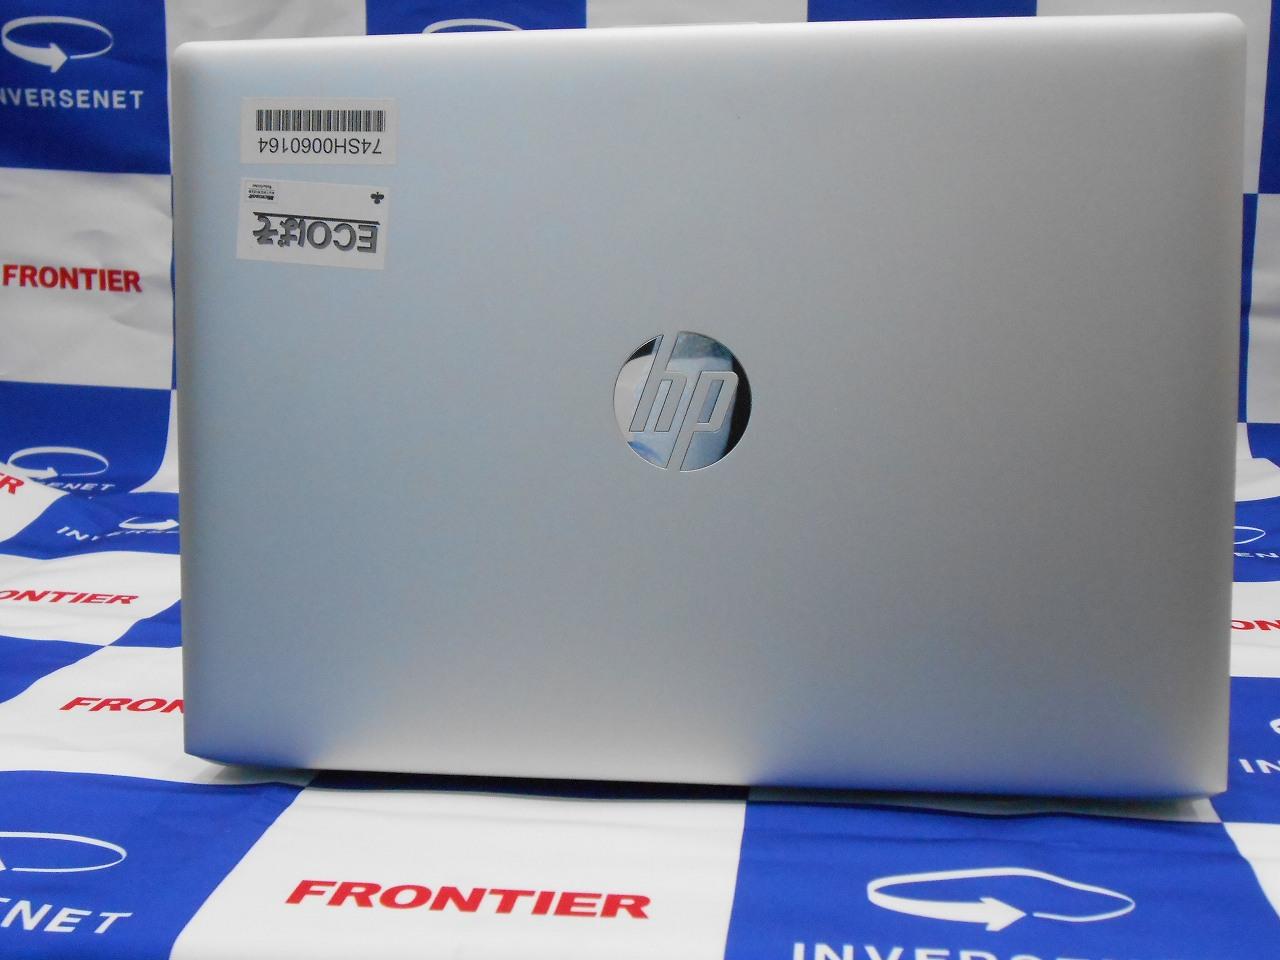 【テレワーク応援】【WPSOffice付】【中古】 HP ProBook 430 G5/2018年モデル/Corei5 7200U 2.5GHz/メモリ4GB/SATA500GB/13インチ/Windows10Home【ECOぱそ】【3ヶ月保証】【足立店発送】